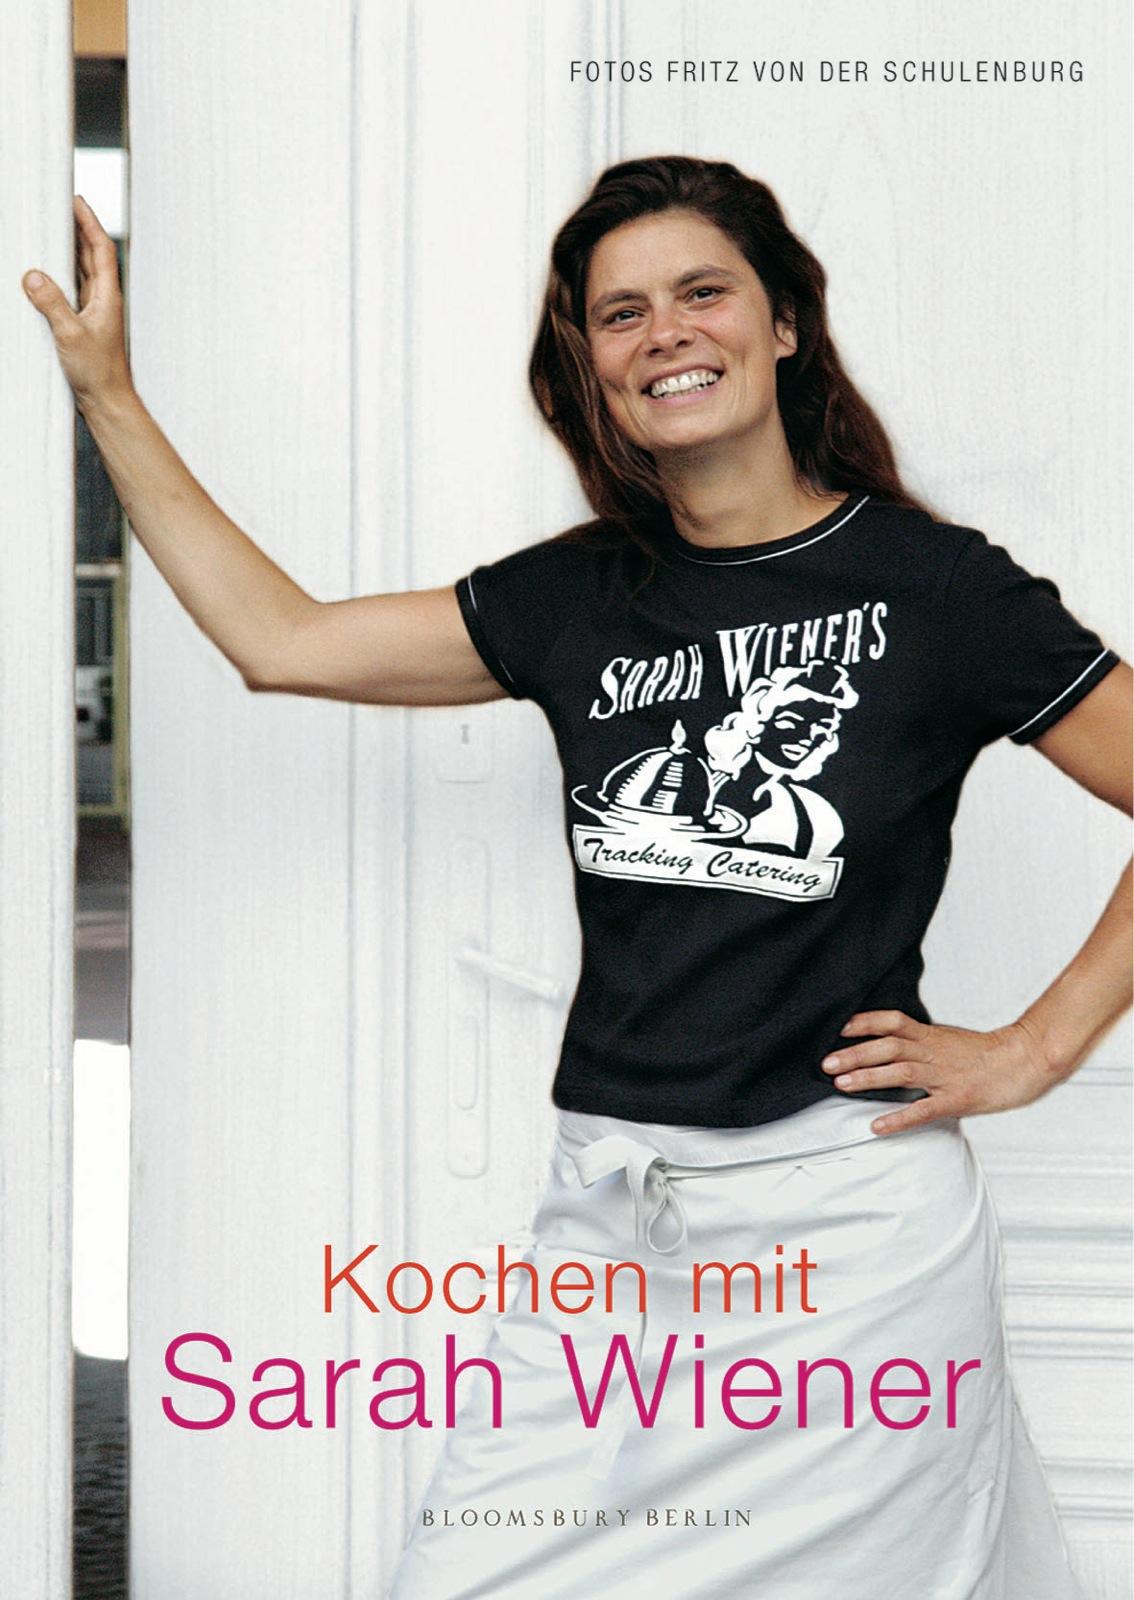 Kochen mit Sarah Wiener - Sarah Wiener